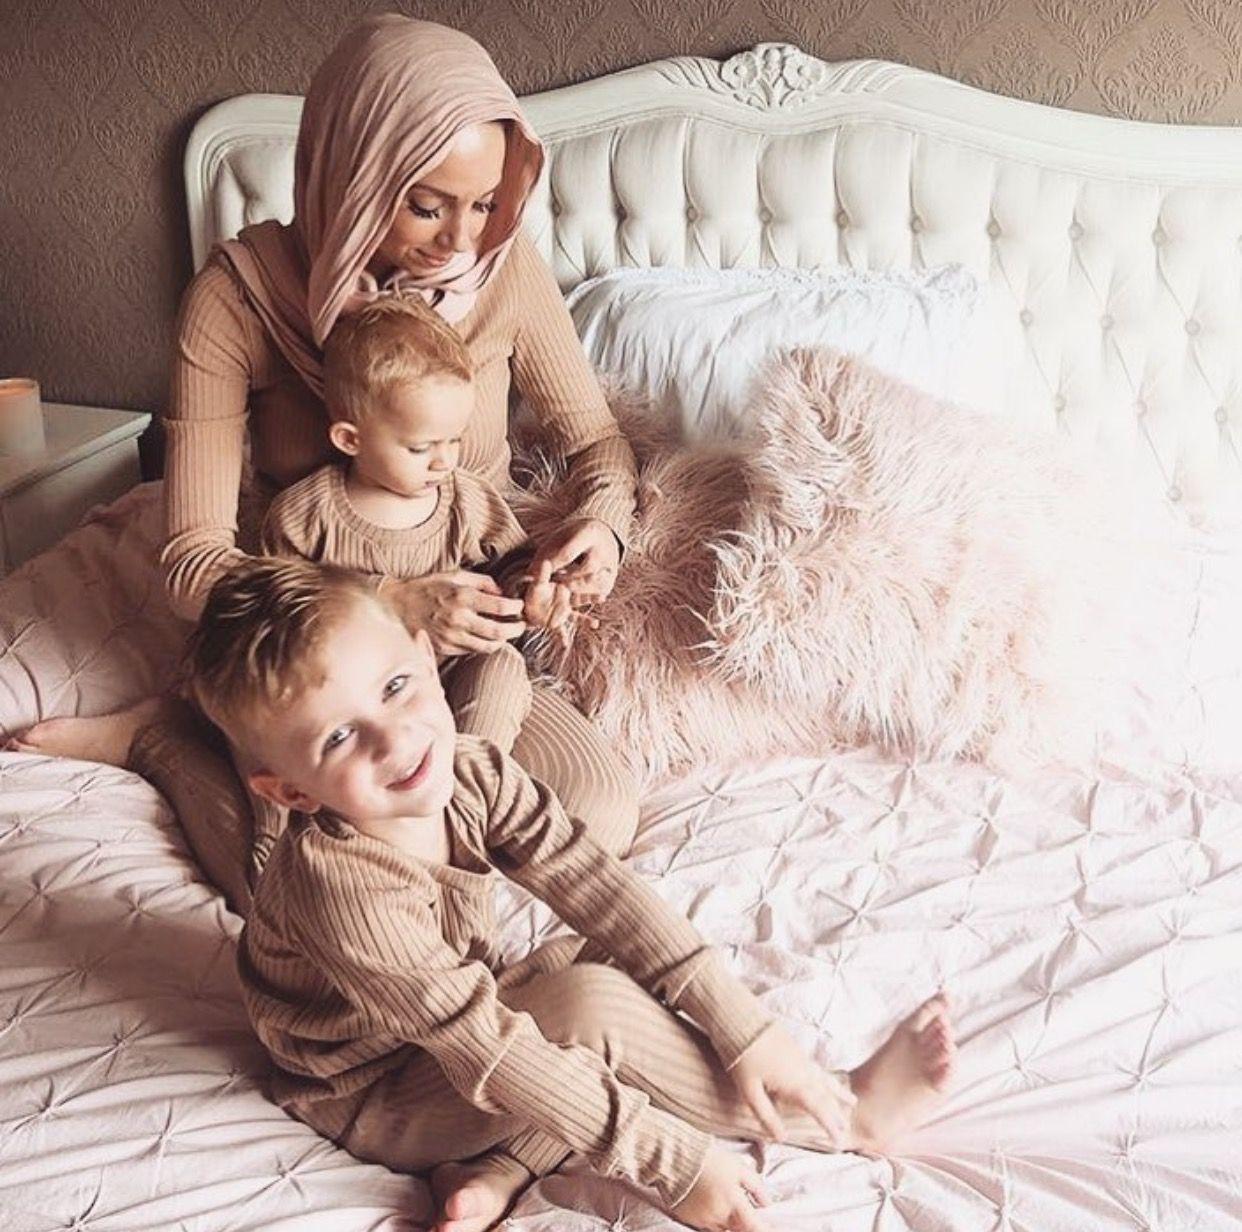 Картинки в инстаграмм из ислама